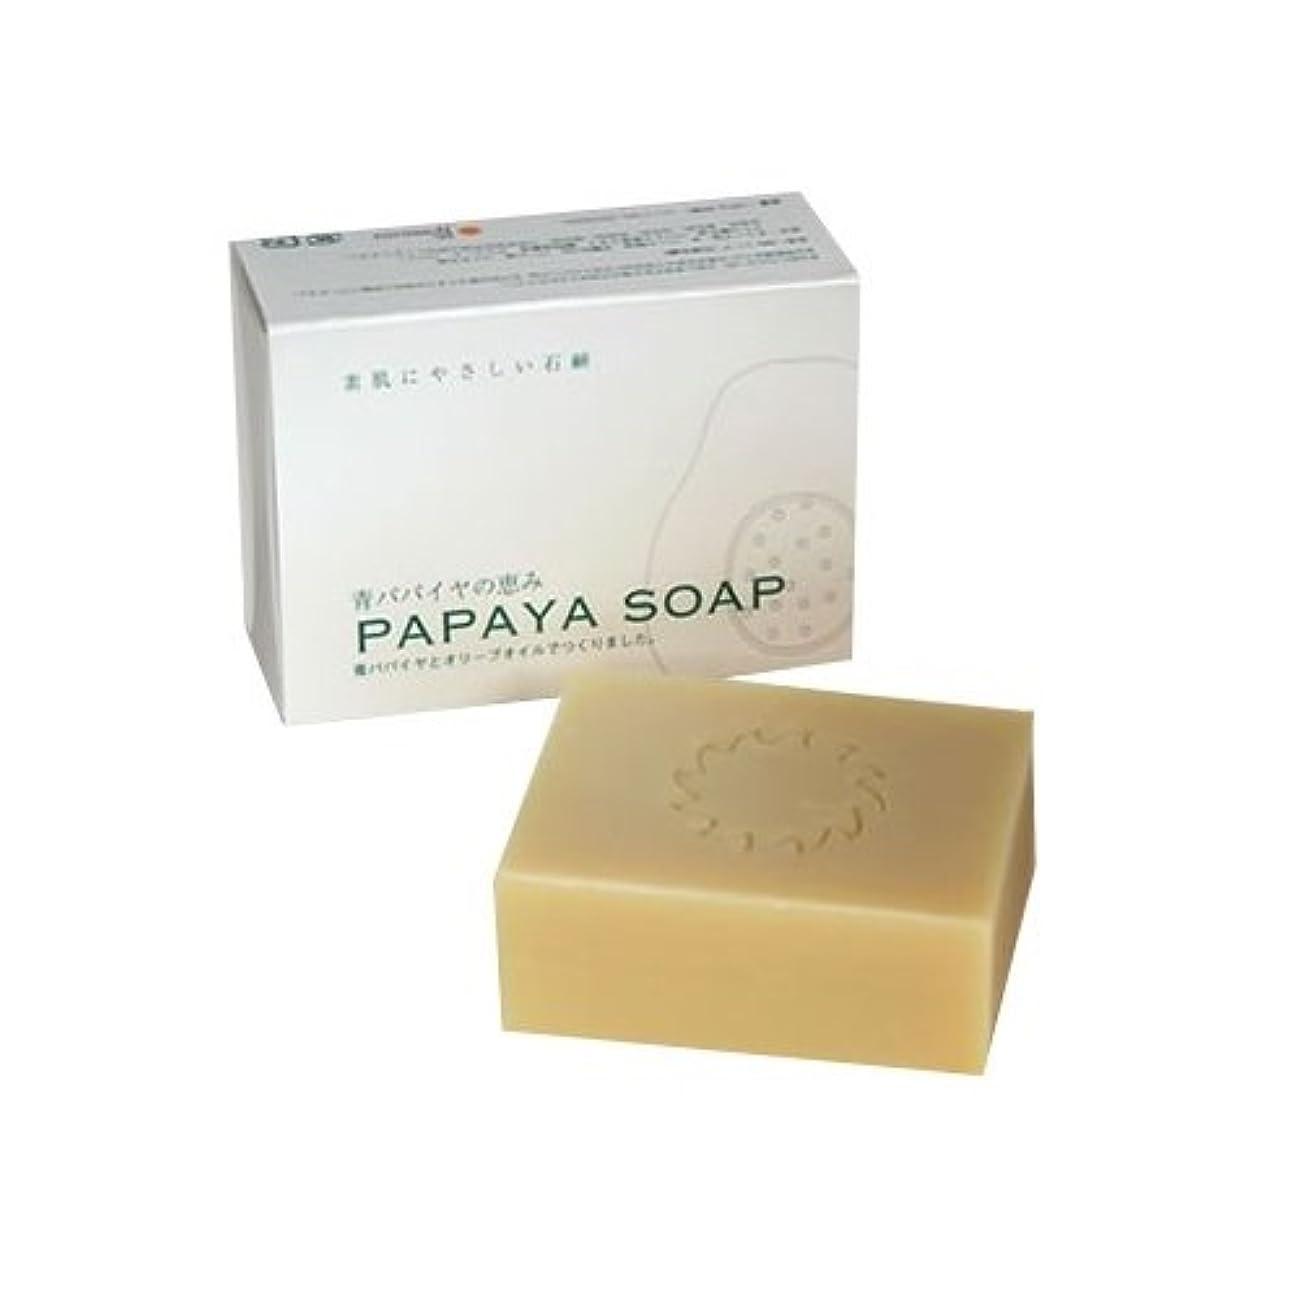 影響を受けやすいです喜劇ましい青パパイヤの恵み PAPAYA SOAP(パパイヤソープ) 100g